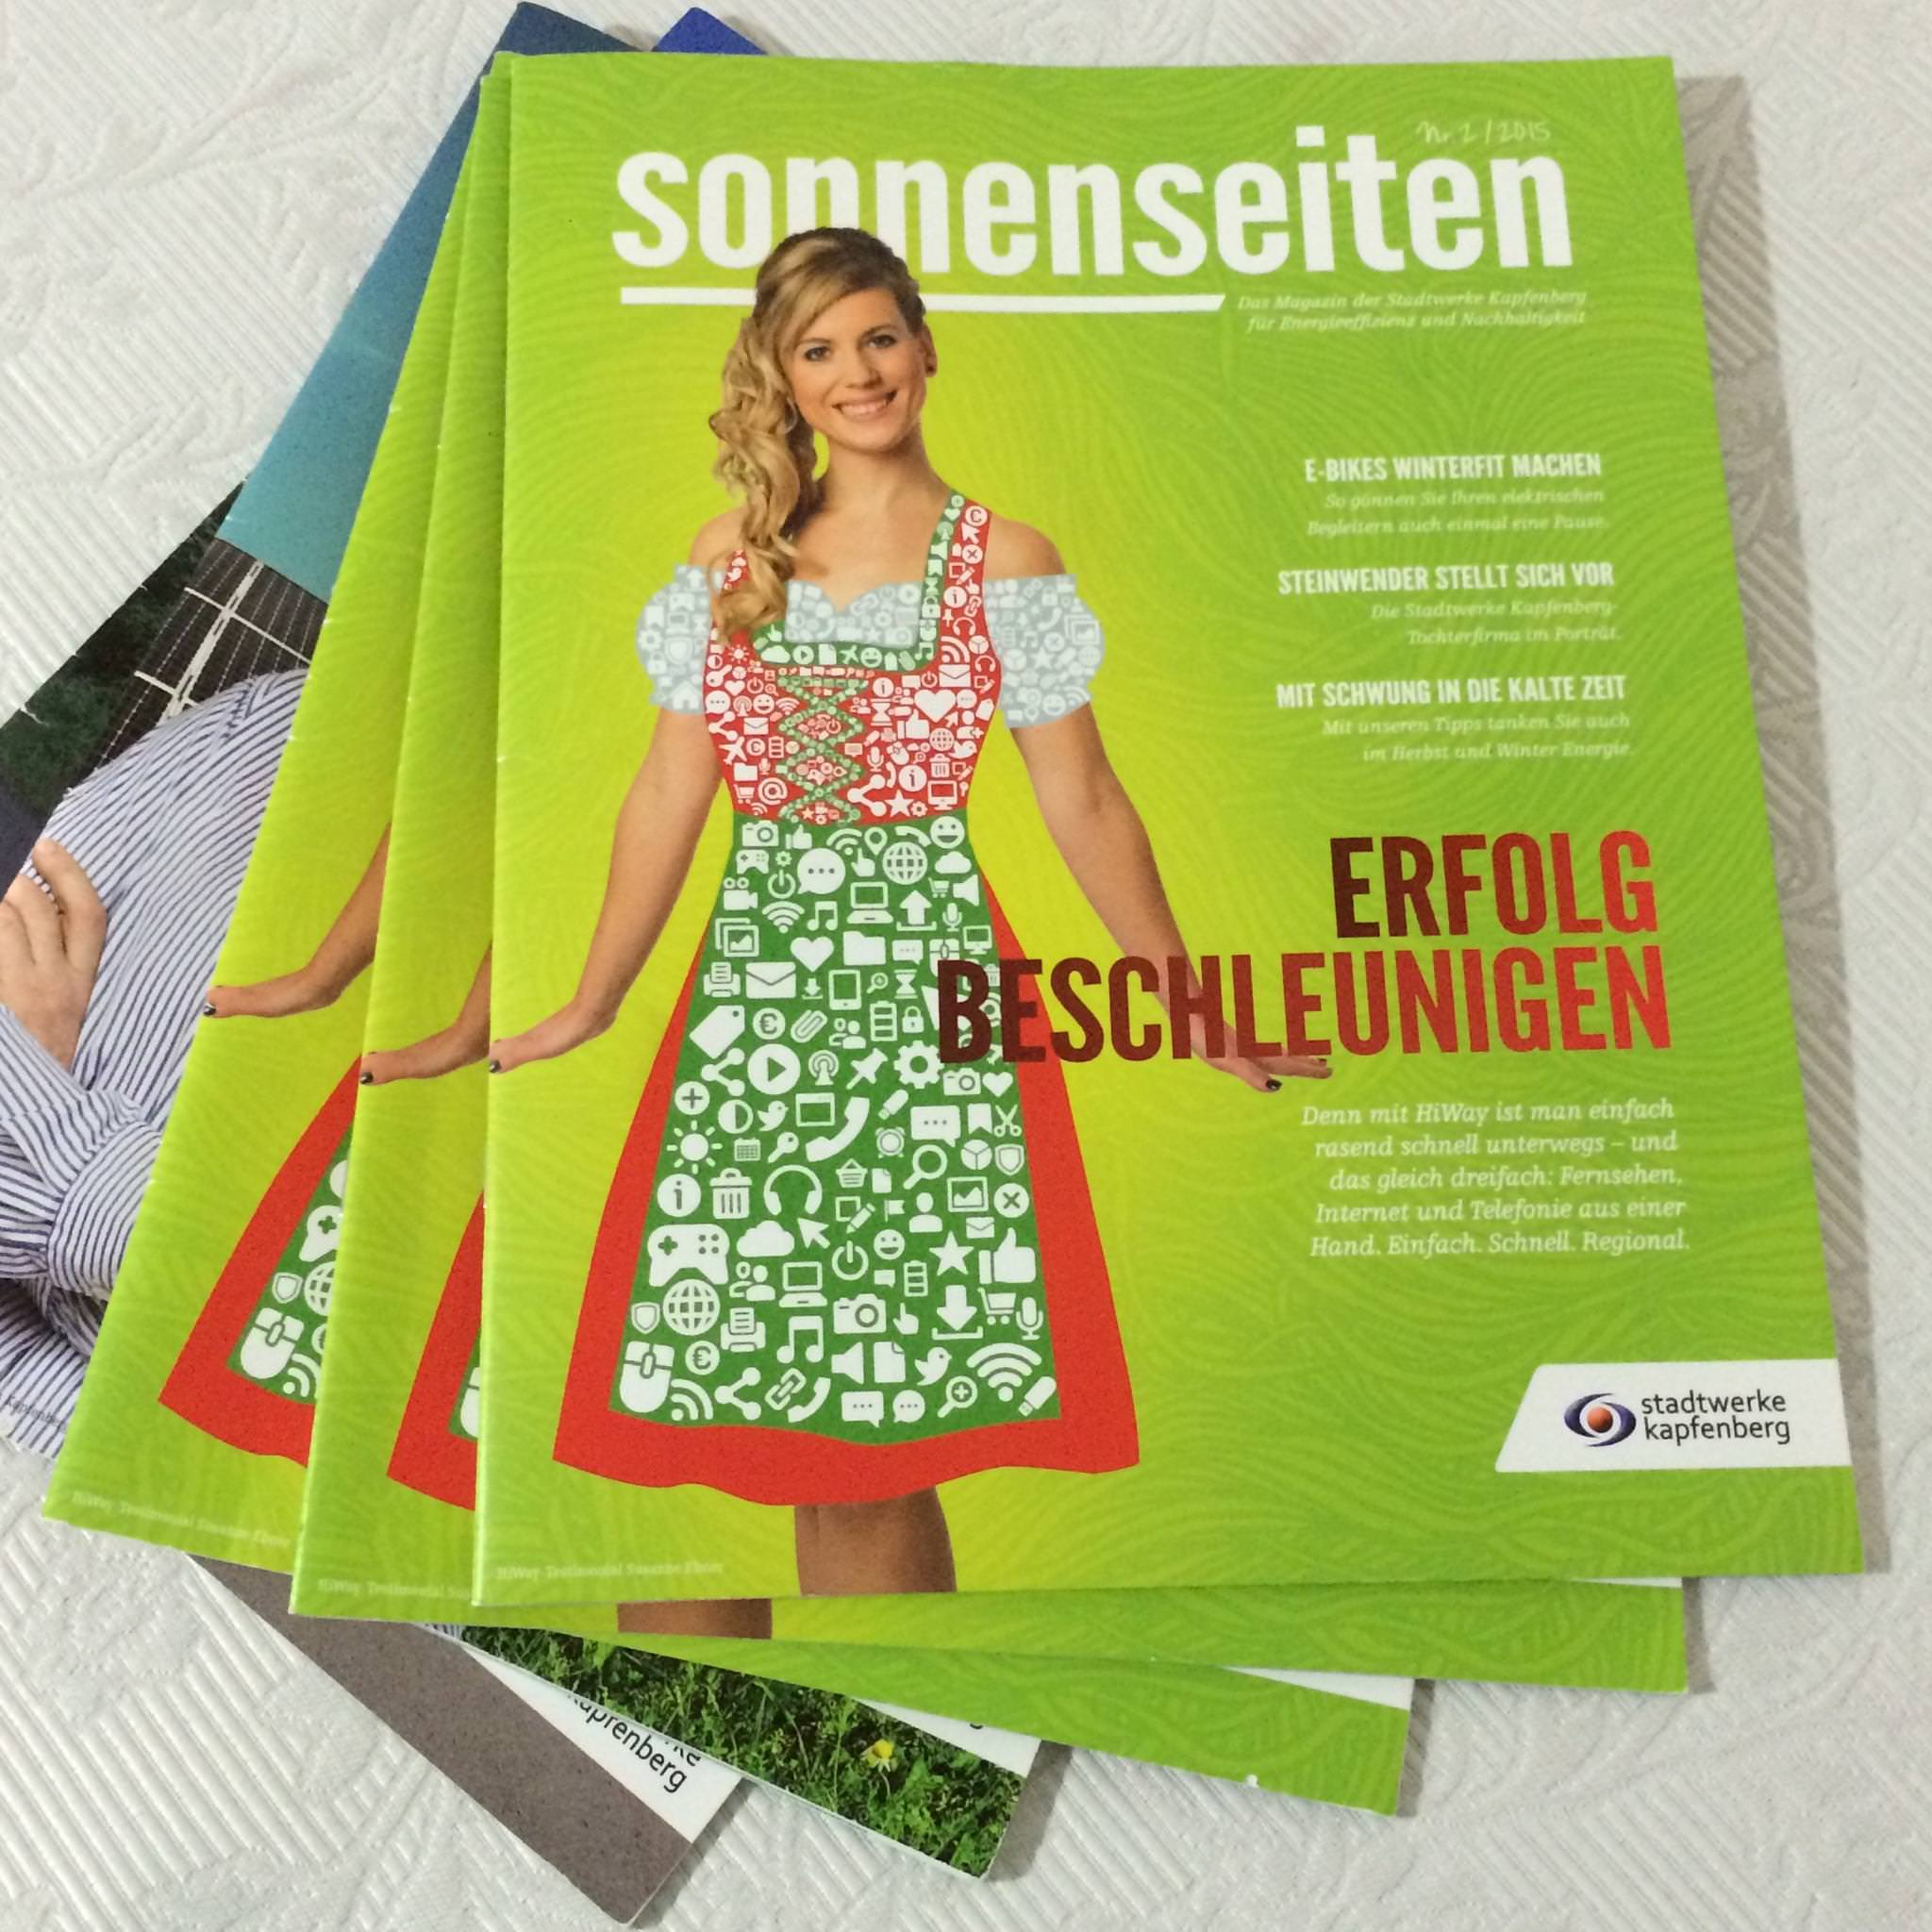 Die Sonnenseiten: leitende Redaktion laufender Ausgaben, Kundenmagazin  Stadtwerke Kapfenberg GmbH